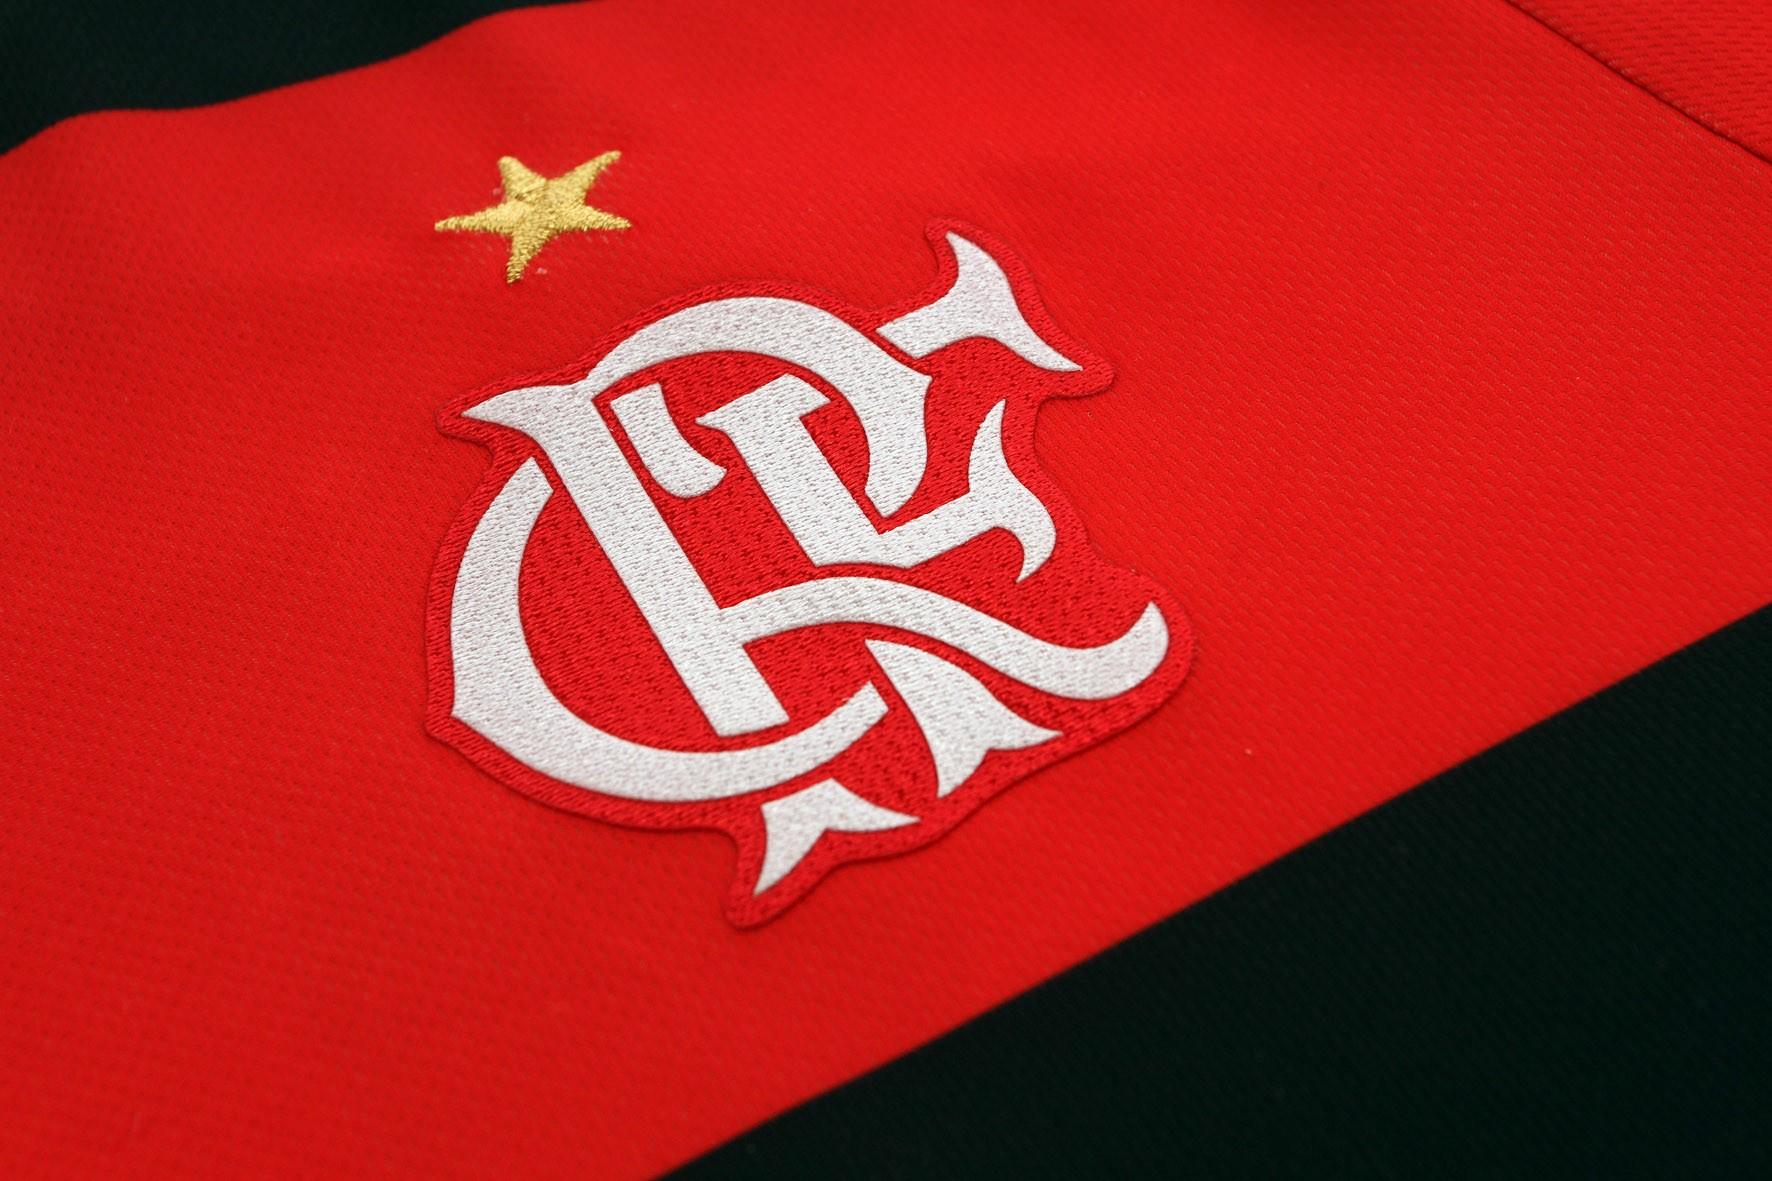 Flamengo é o primeiro clube com marca de Alto Renome | : : CidadeMarketing : :